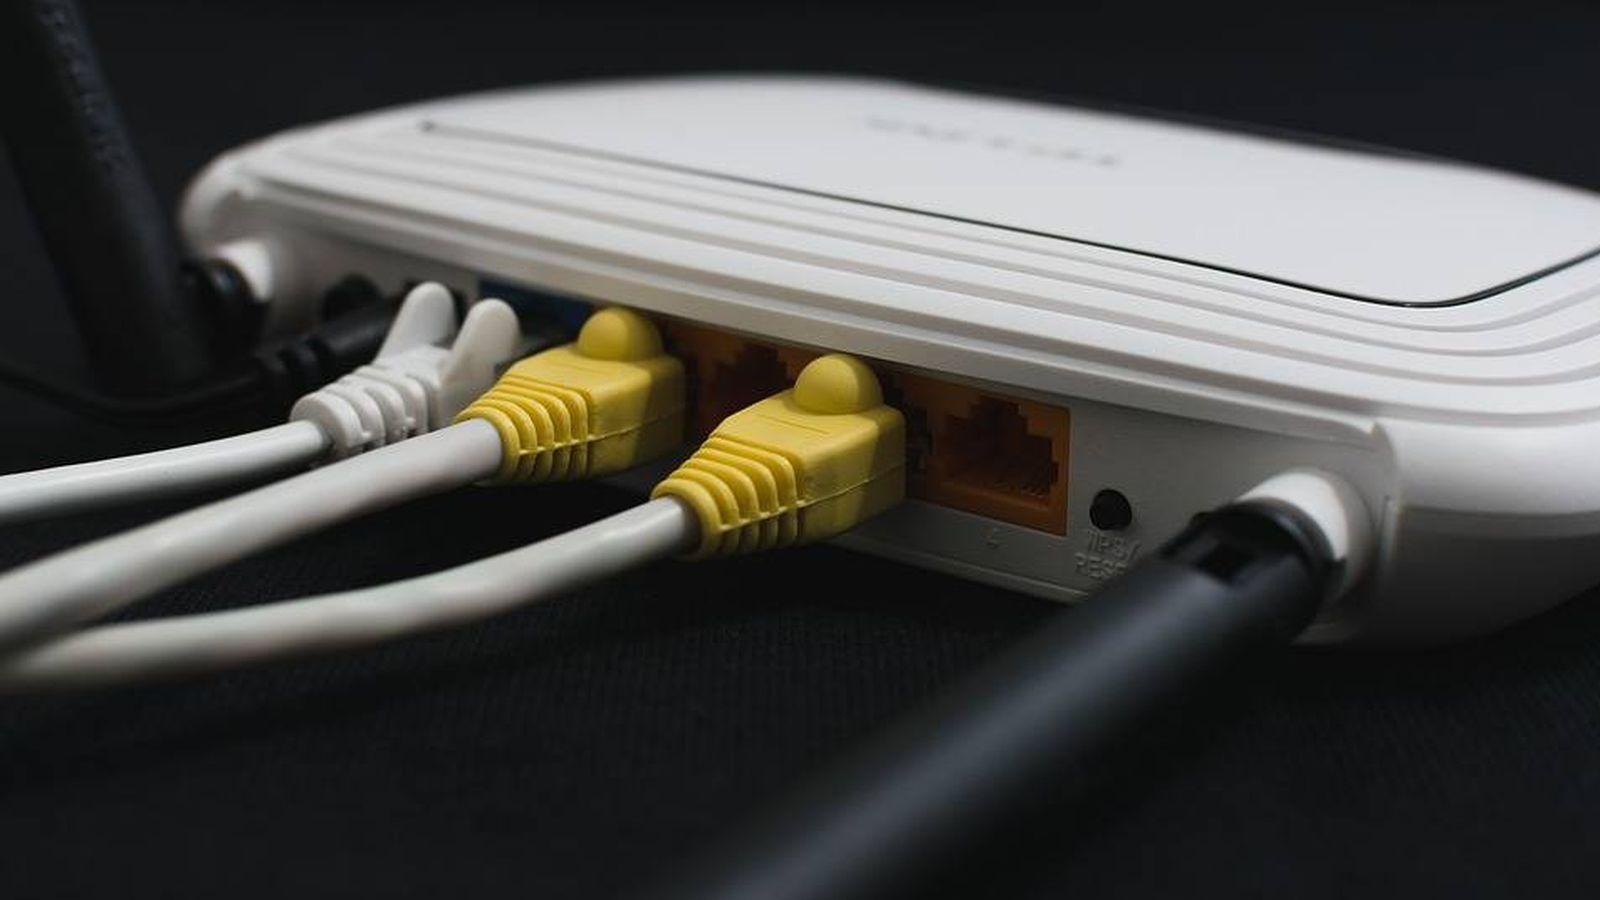 Foto:  Este aparato necesario en muchos hogares guarda muchos más secretos de los que imaginas. Foto: MaxPixel